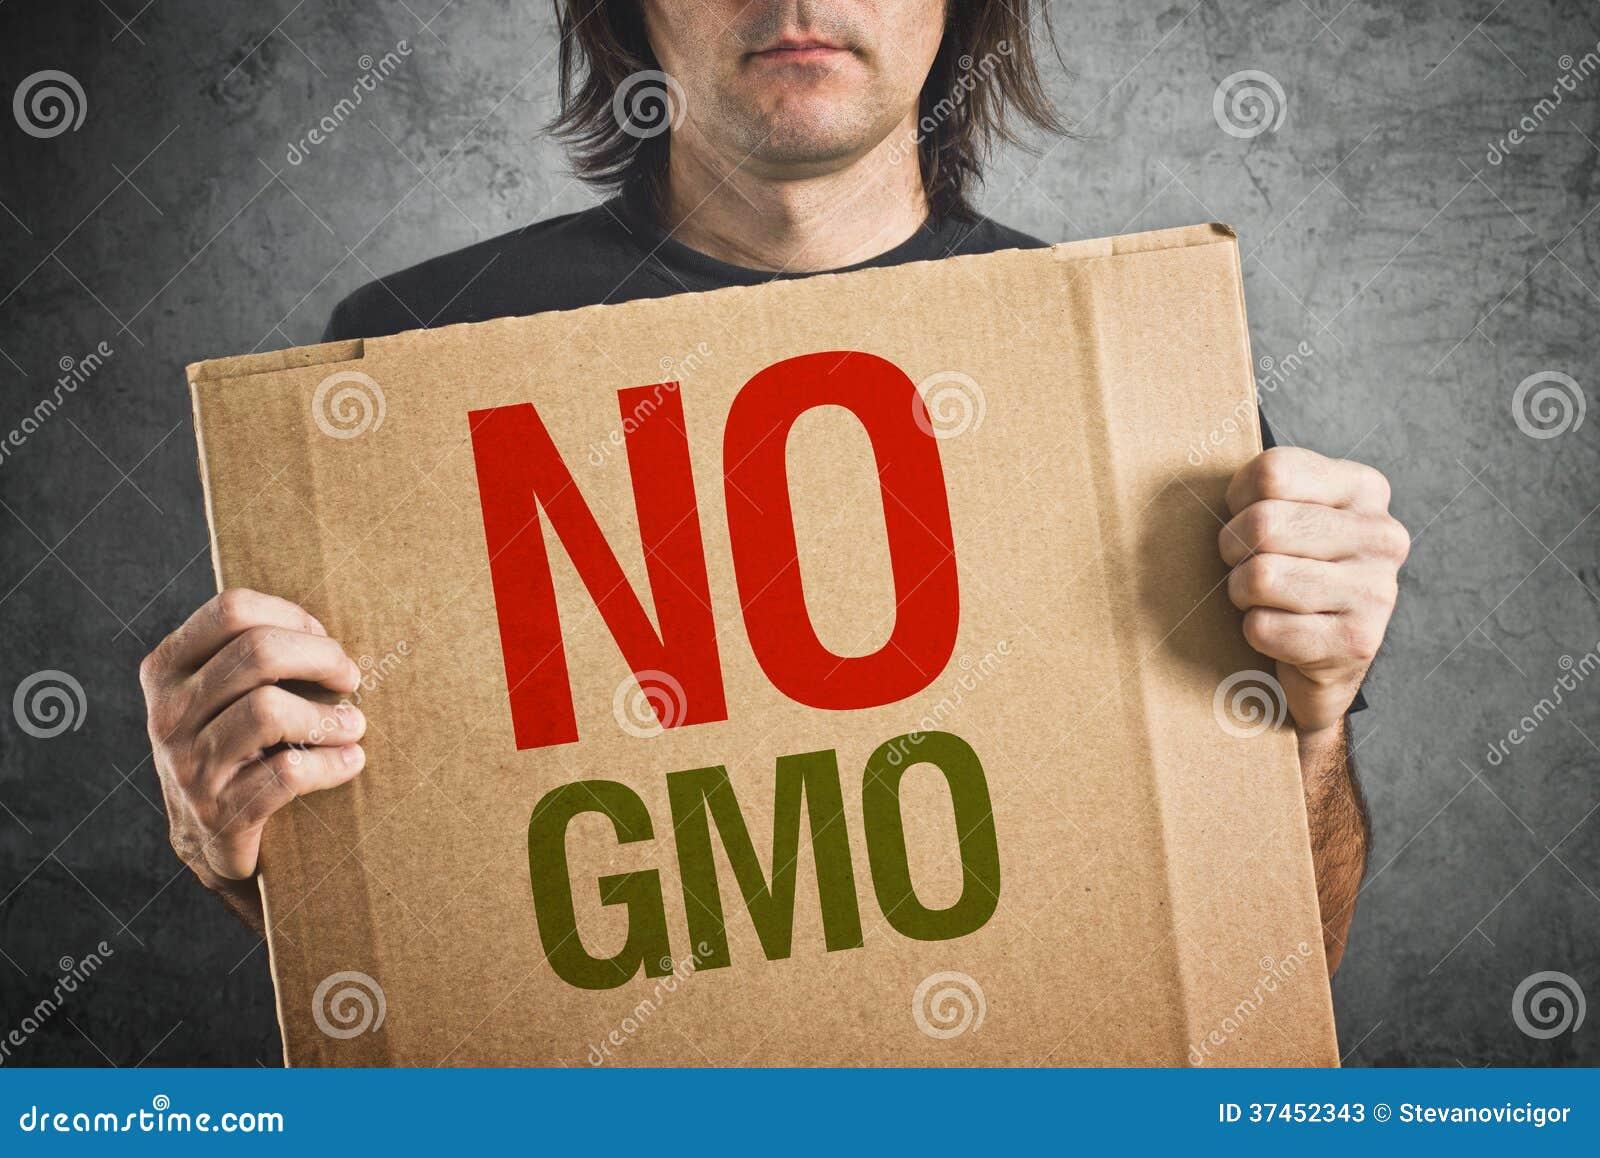 Ingen GMO.